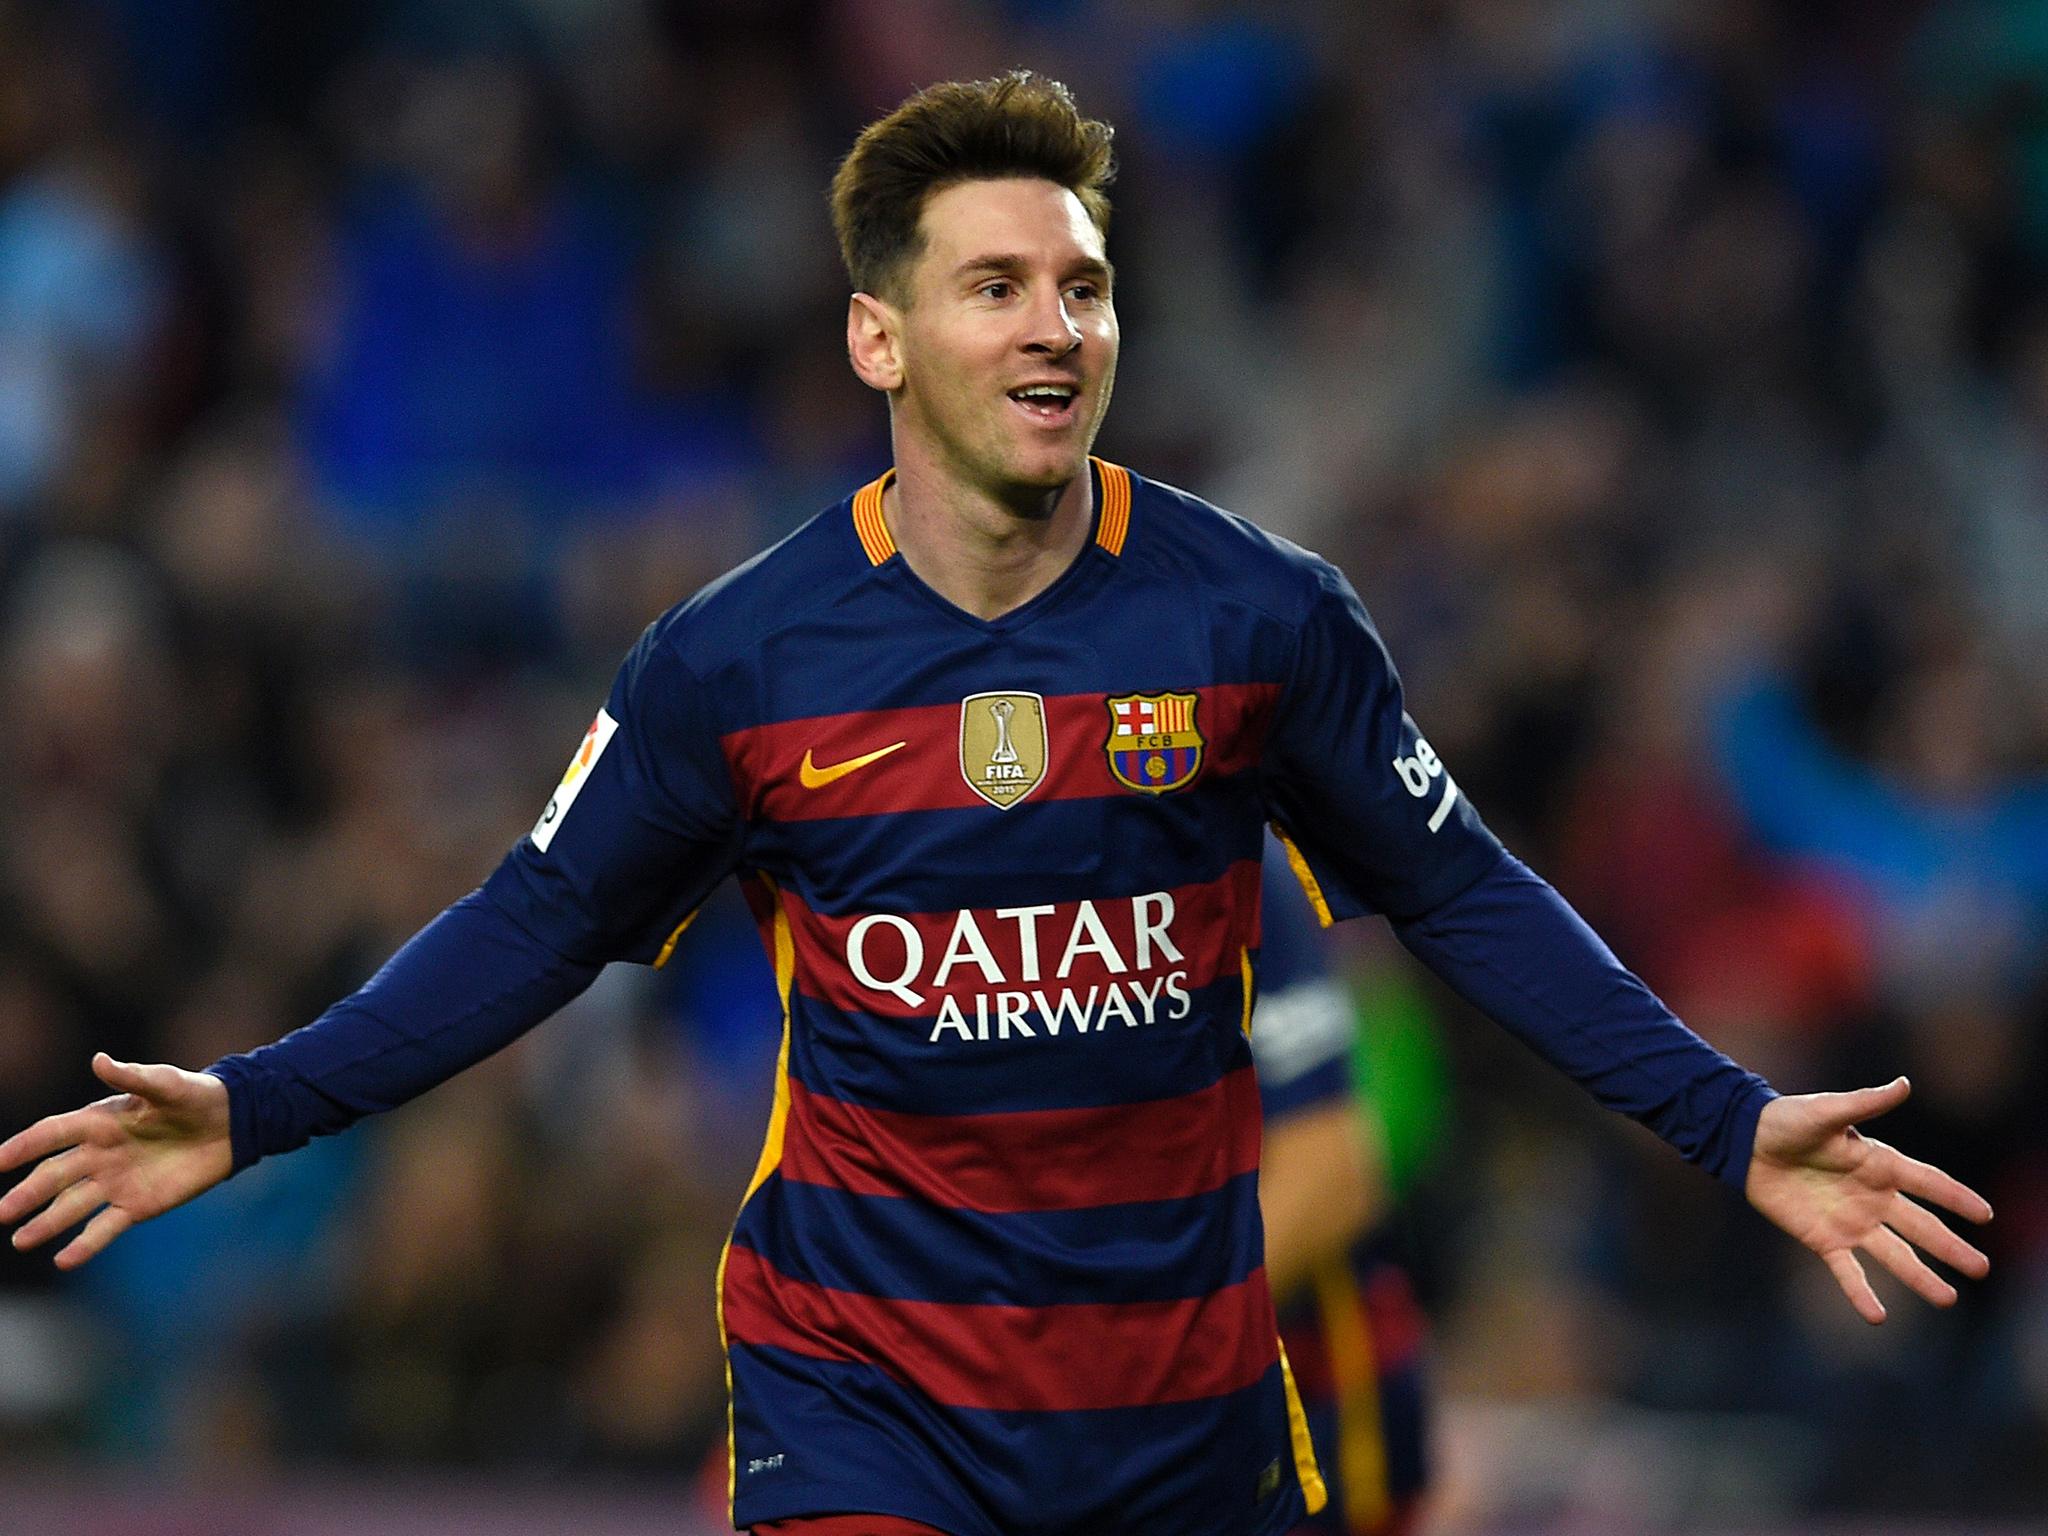 Który Wygląd Leo Messiego Najbardziej Ci Się Podoba